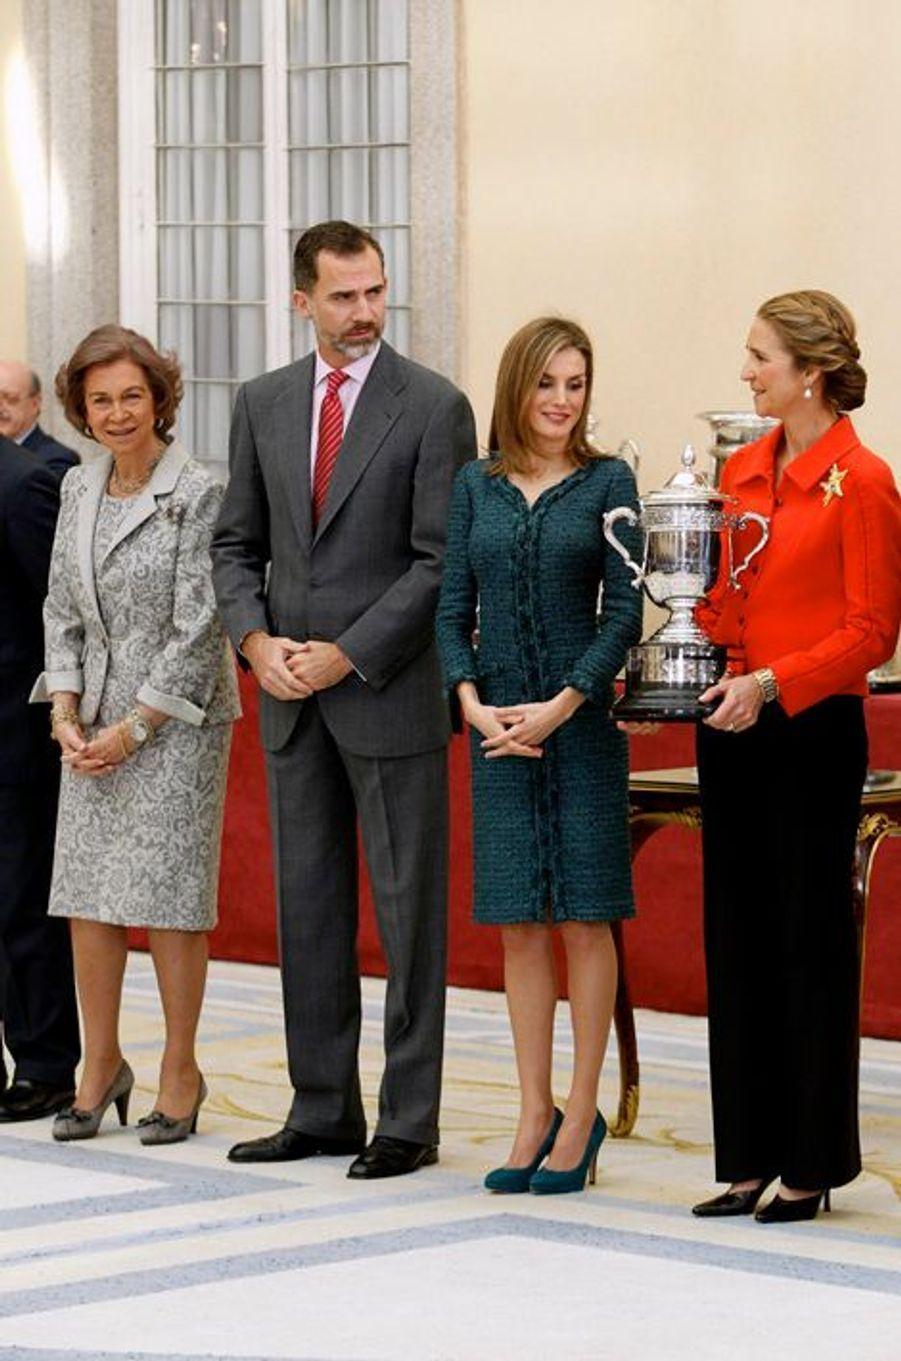 Le roi Felipe VI d'Espagne remet l'un des prix du sport 2013 à Madrid, le 4 décembre 2014